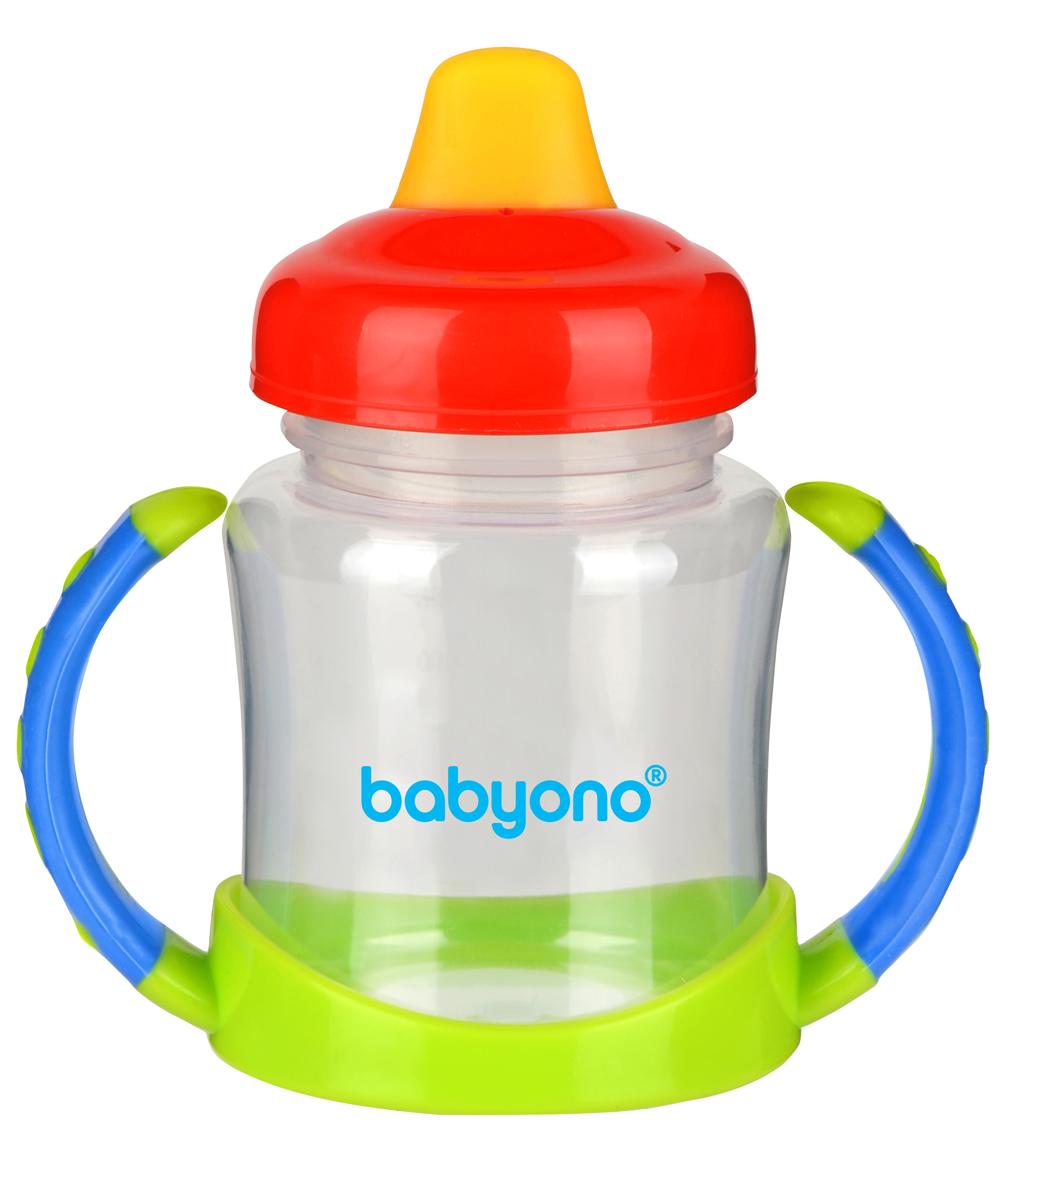 BabyOno Поильник-непроливайка от 6 месяцев цвет красный синий салатовый 180 мл